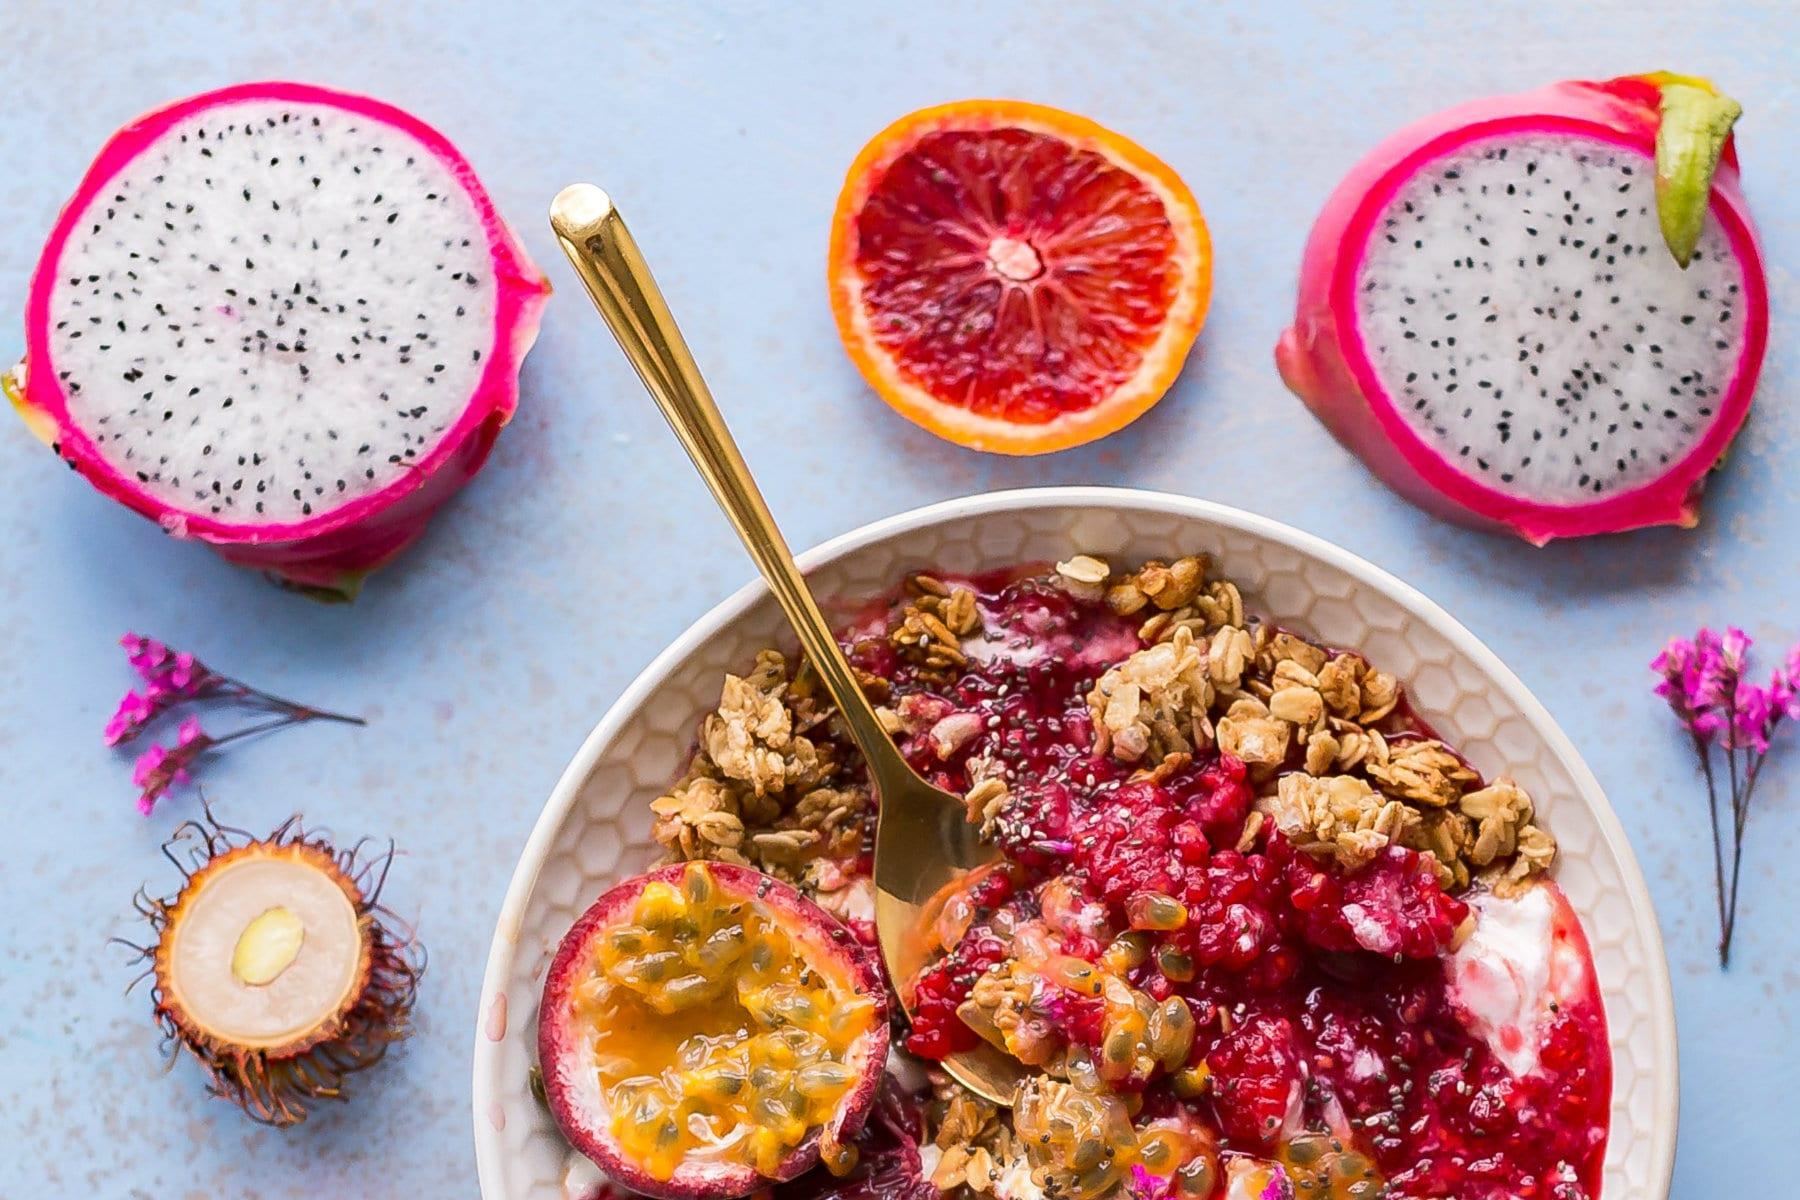 Die besten Diäten | 7 Diätformen, die 2018 voll im Trend liegen